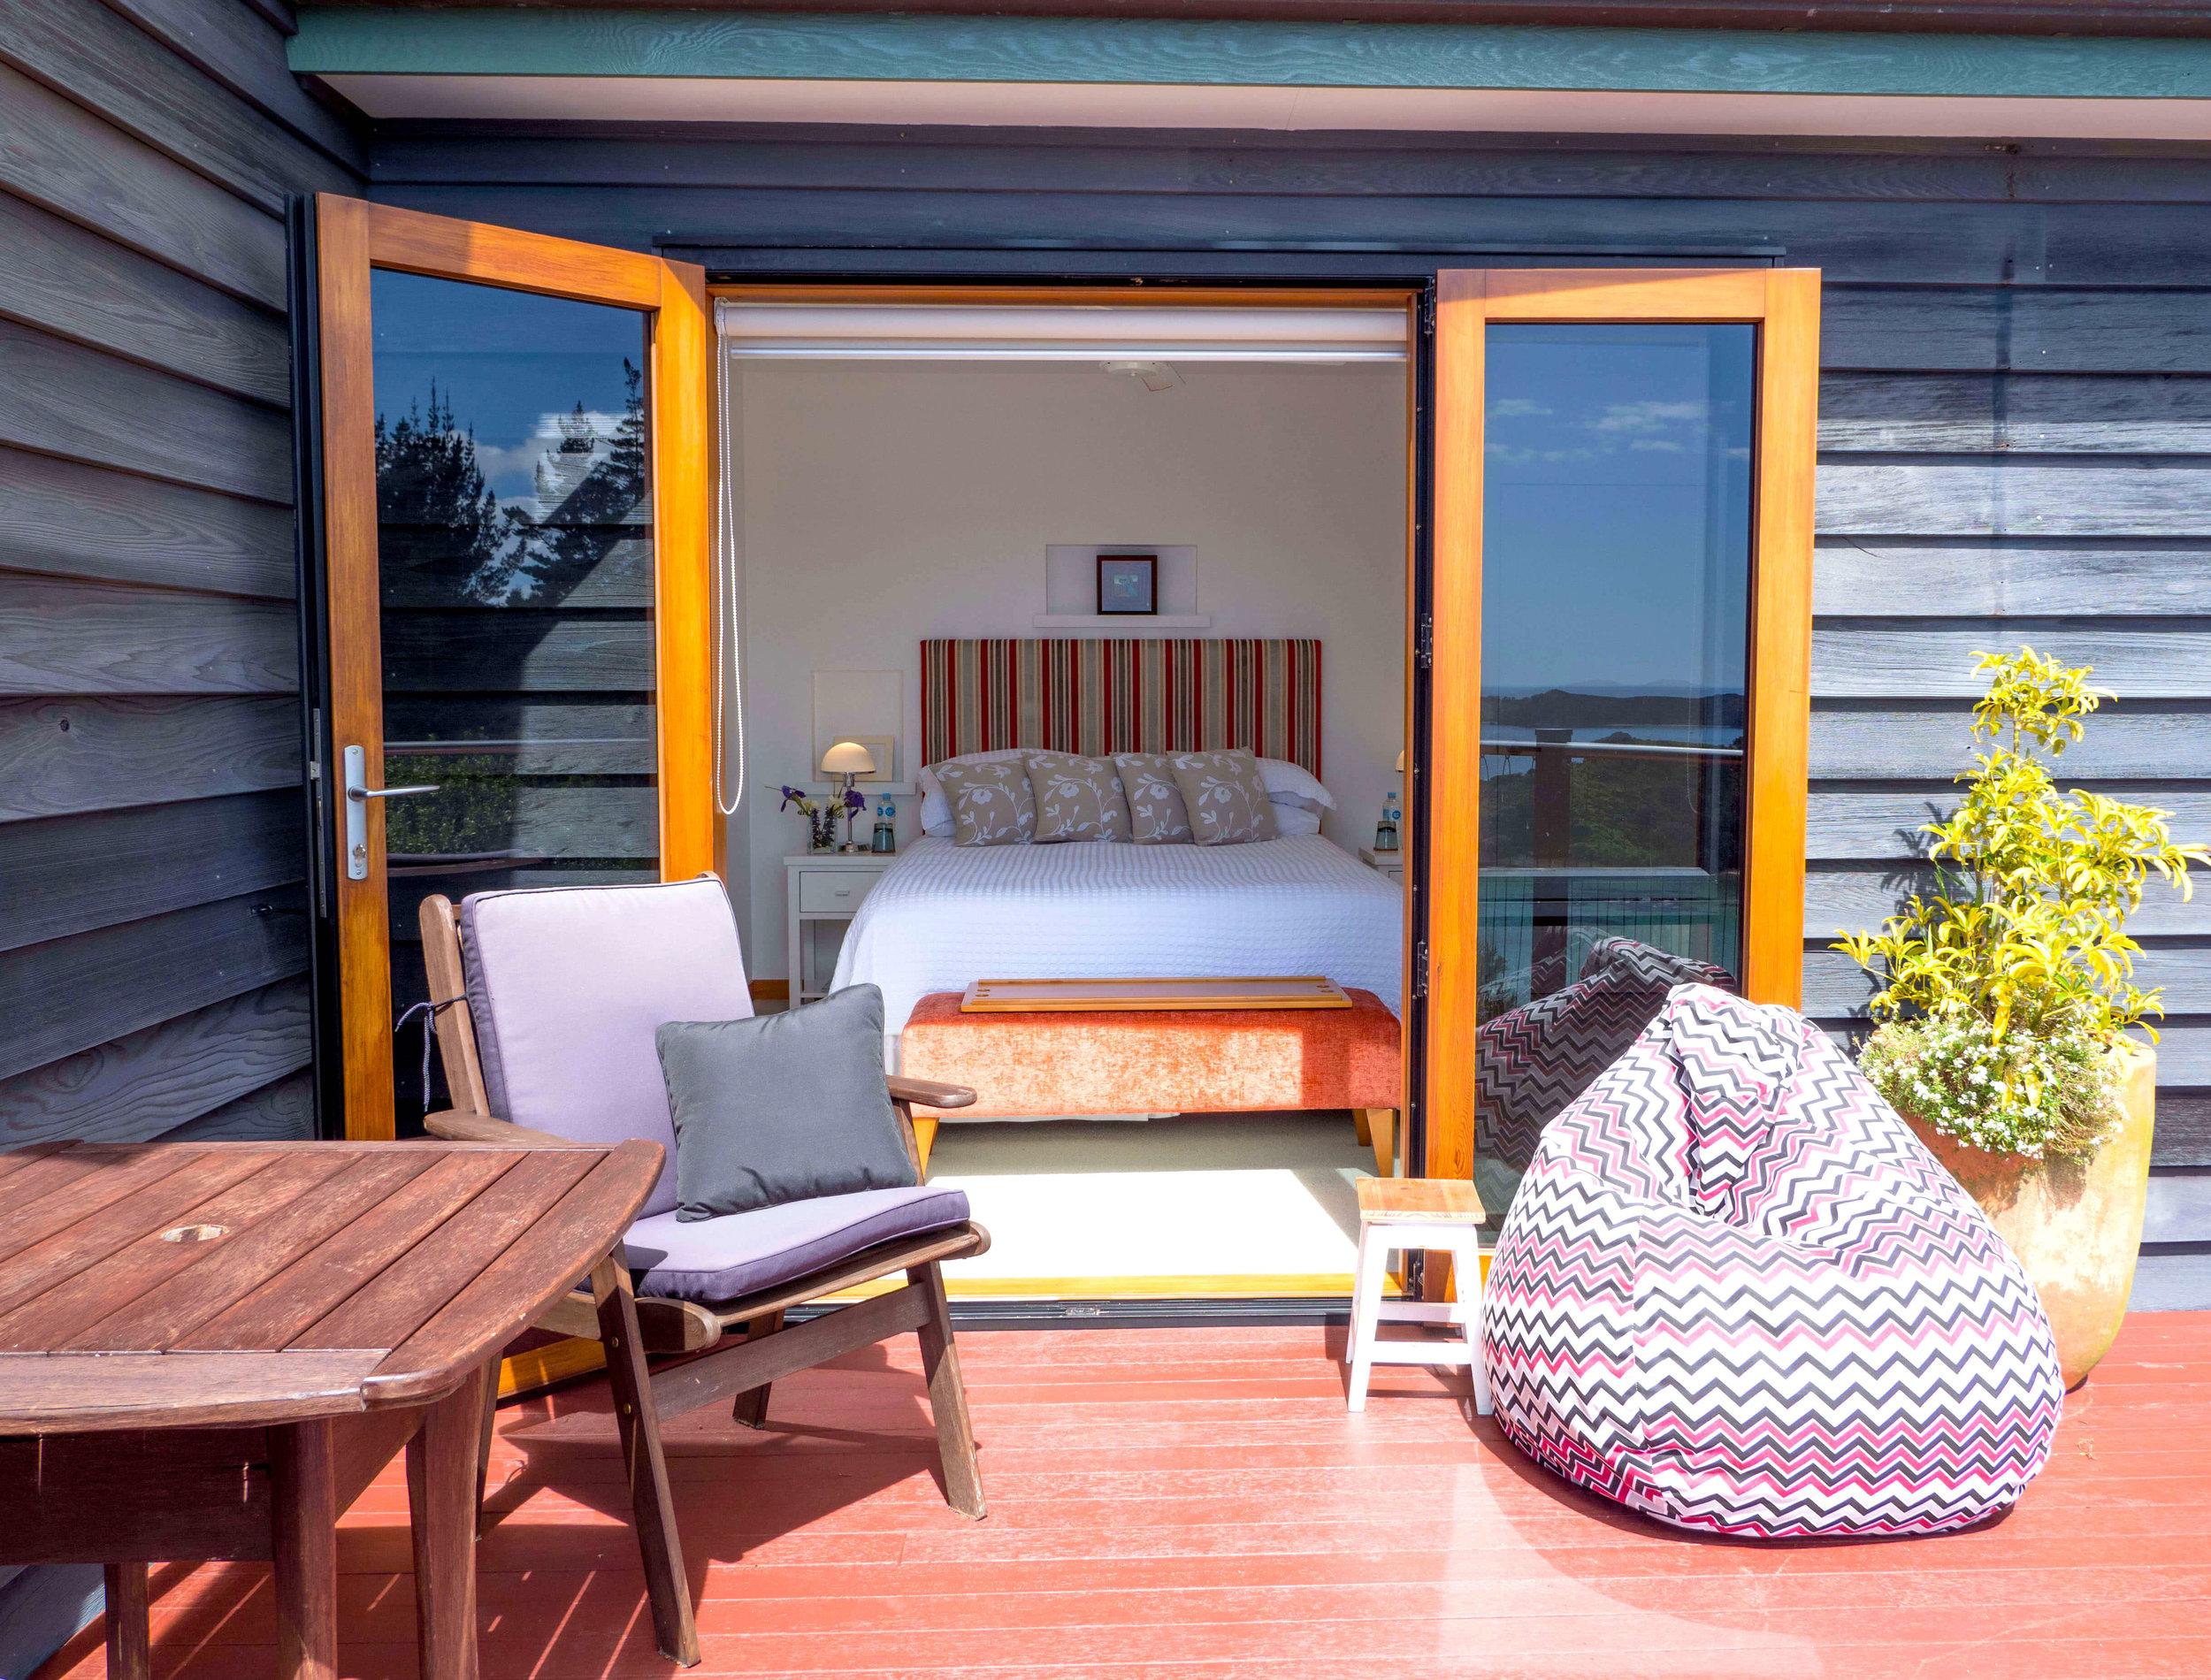 Te_Koha_Lodge_Piapia View_1.jpg